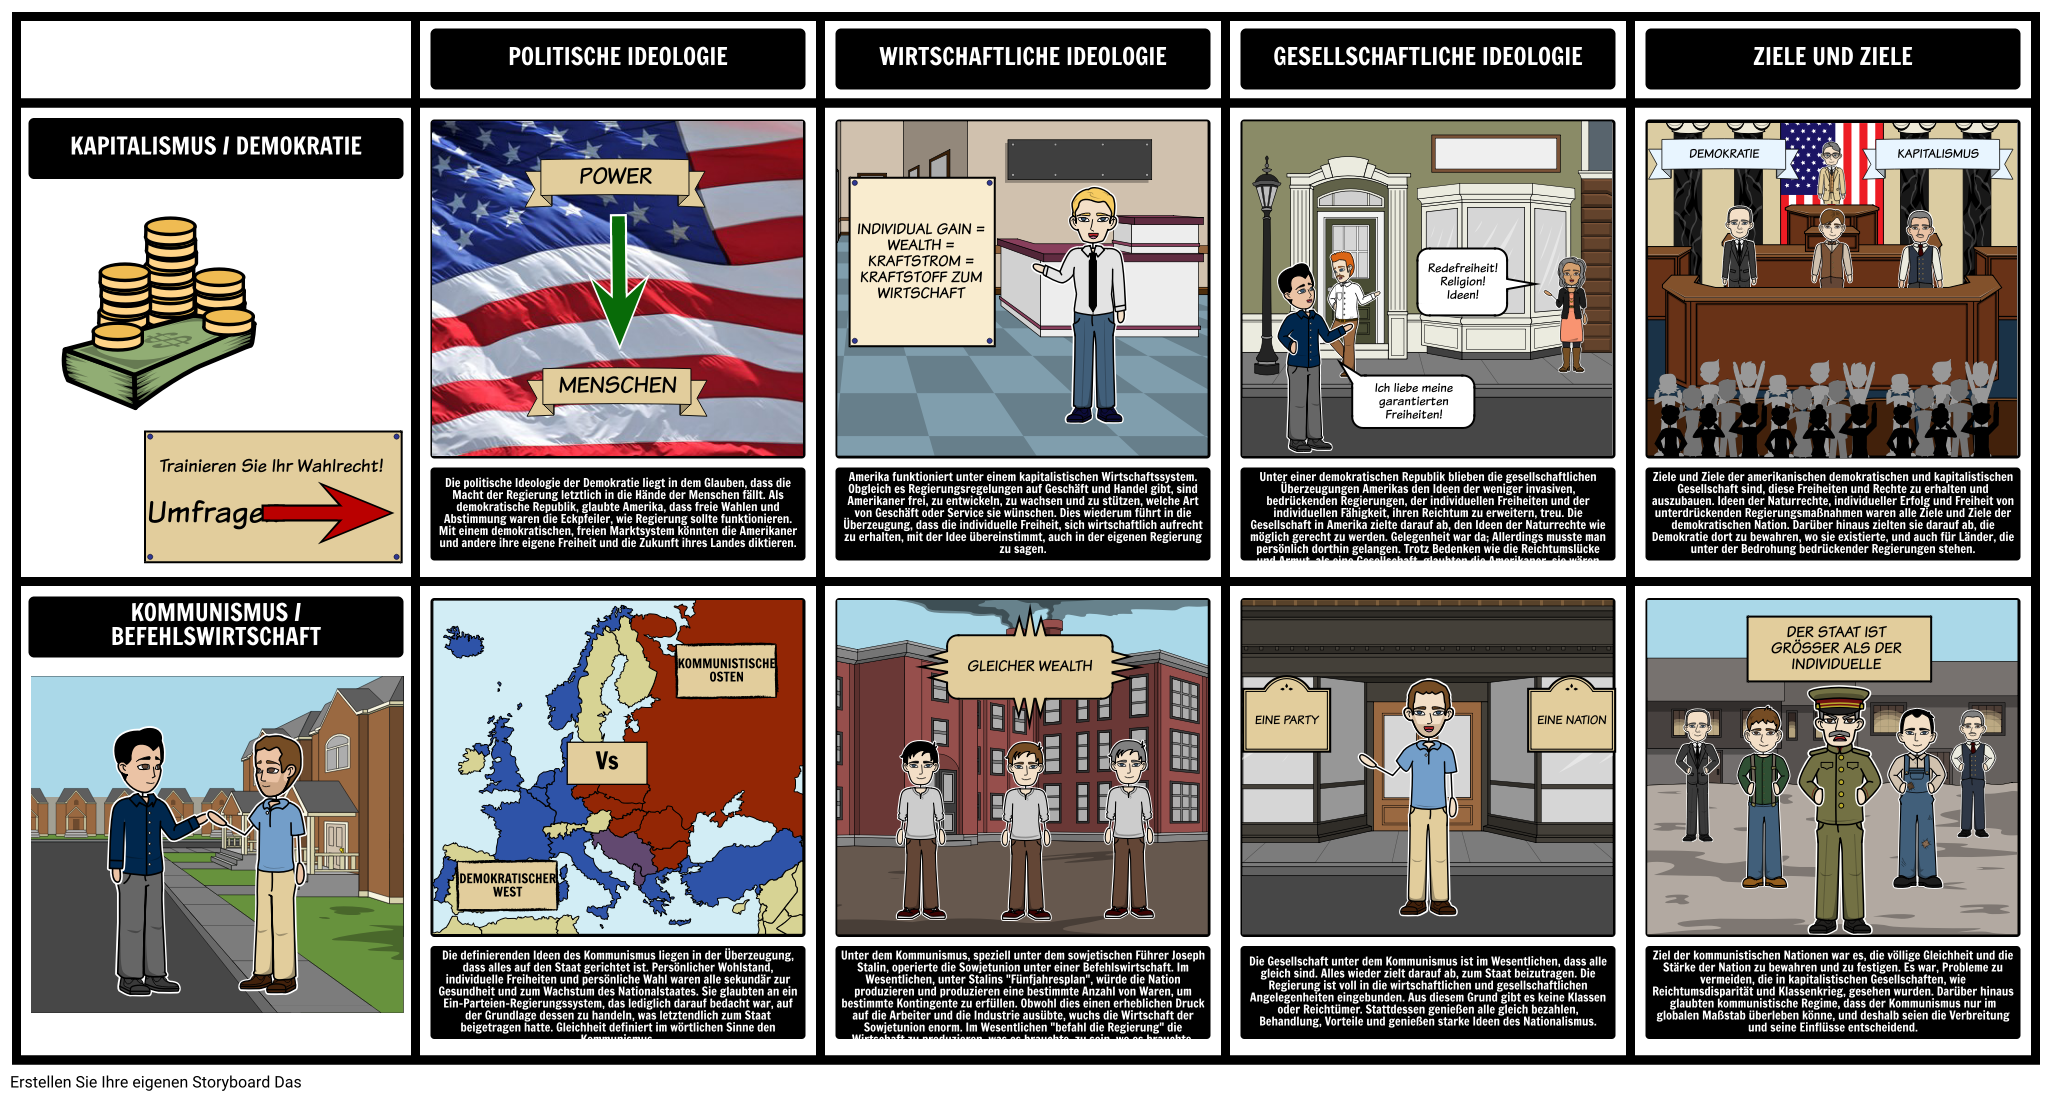 Vergleichendes Netz - Kalter Krieg - Kommunismus vs. Kapitalismus / Demokra